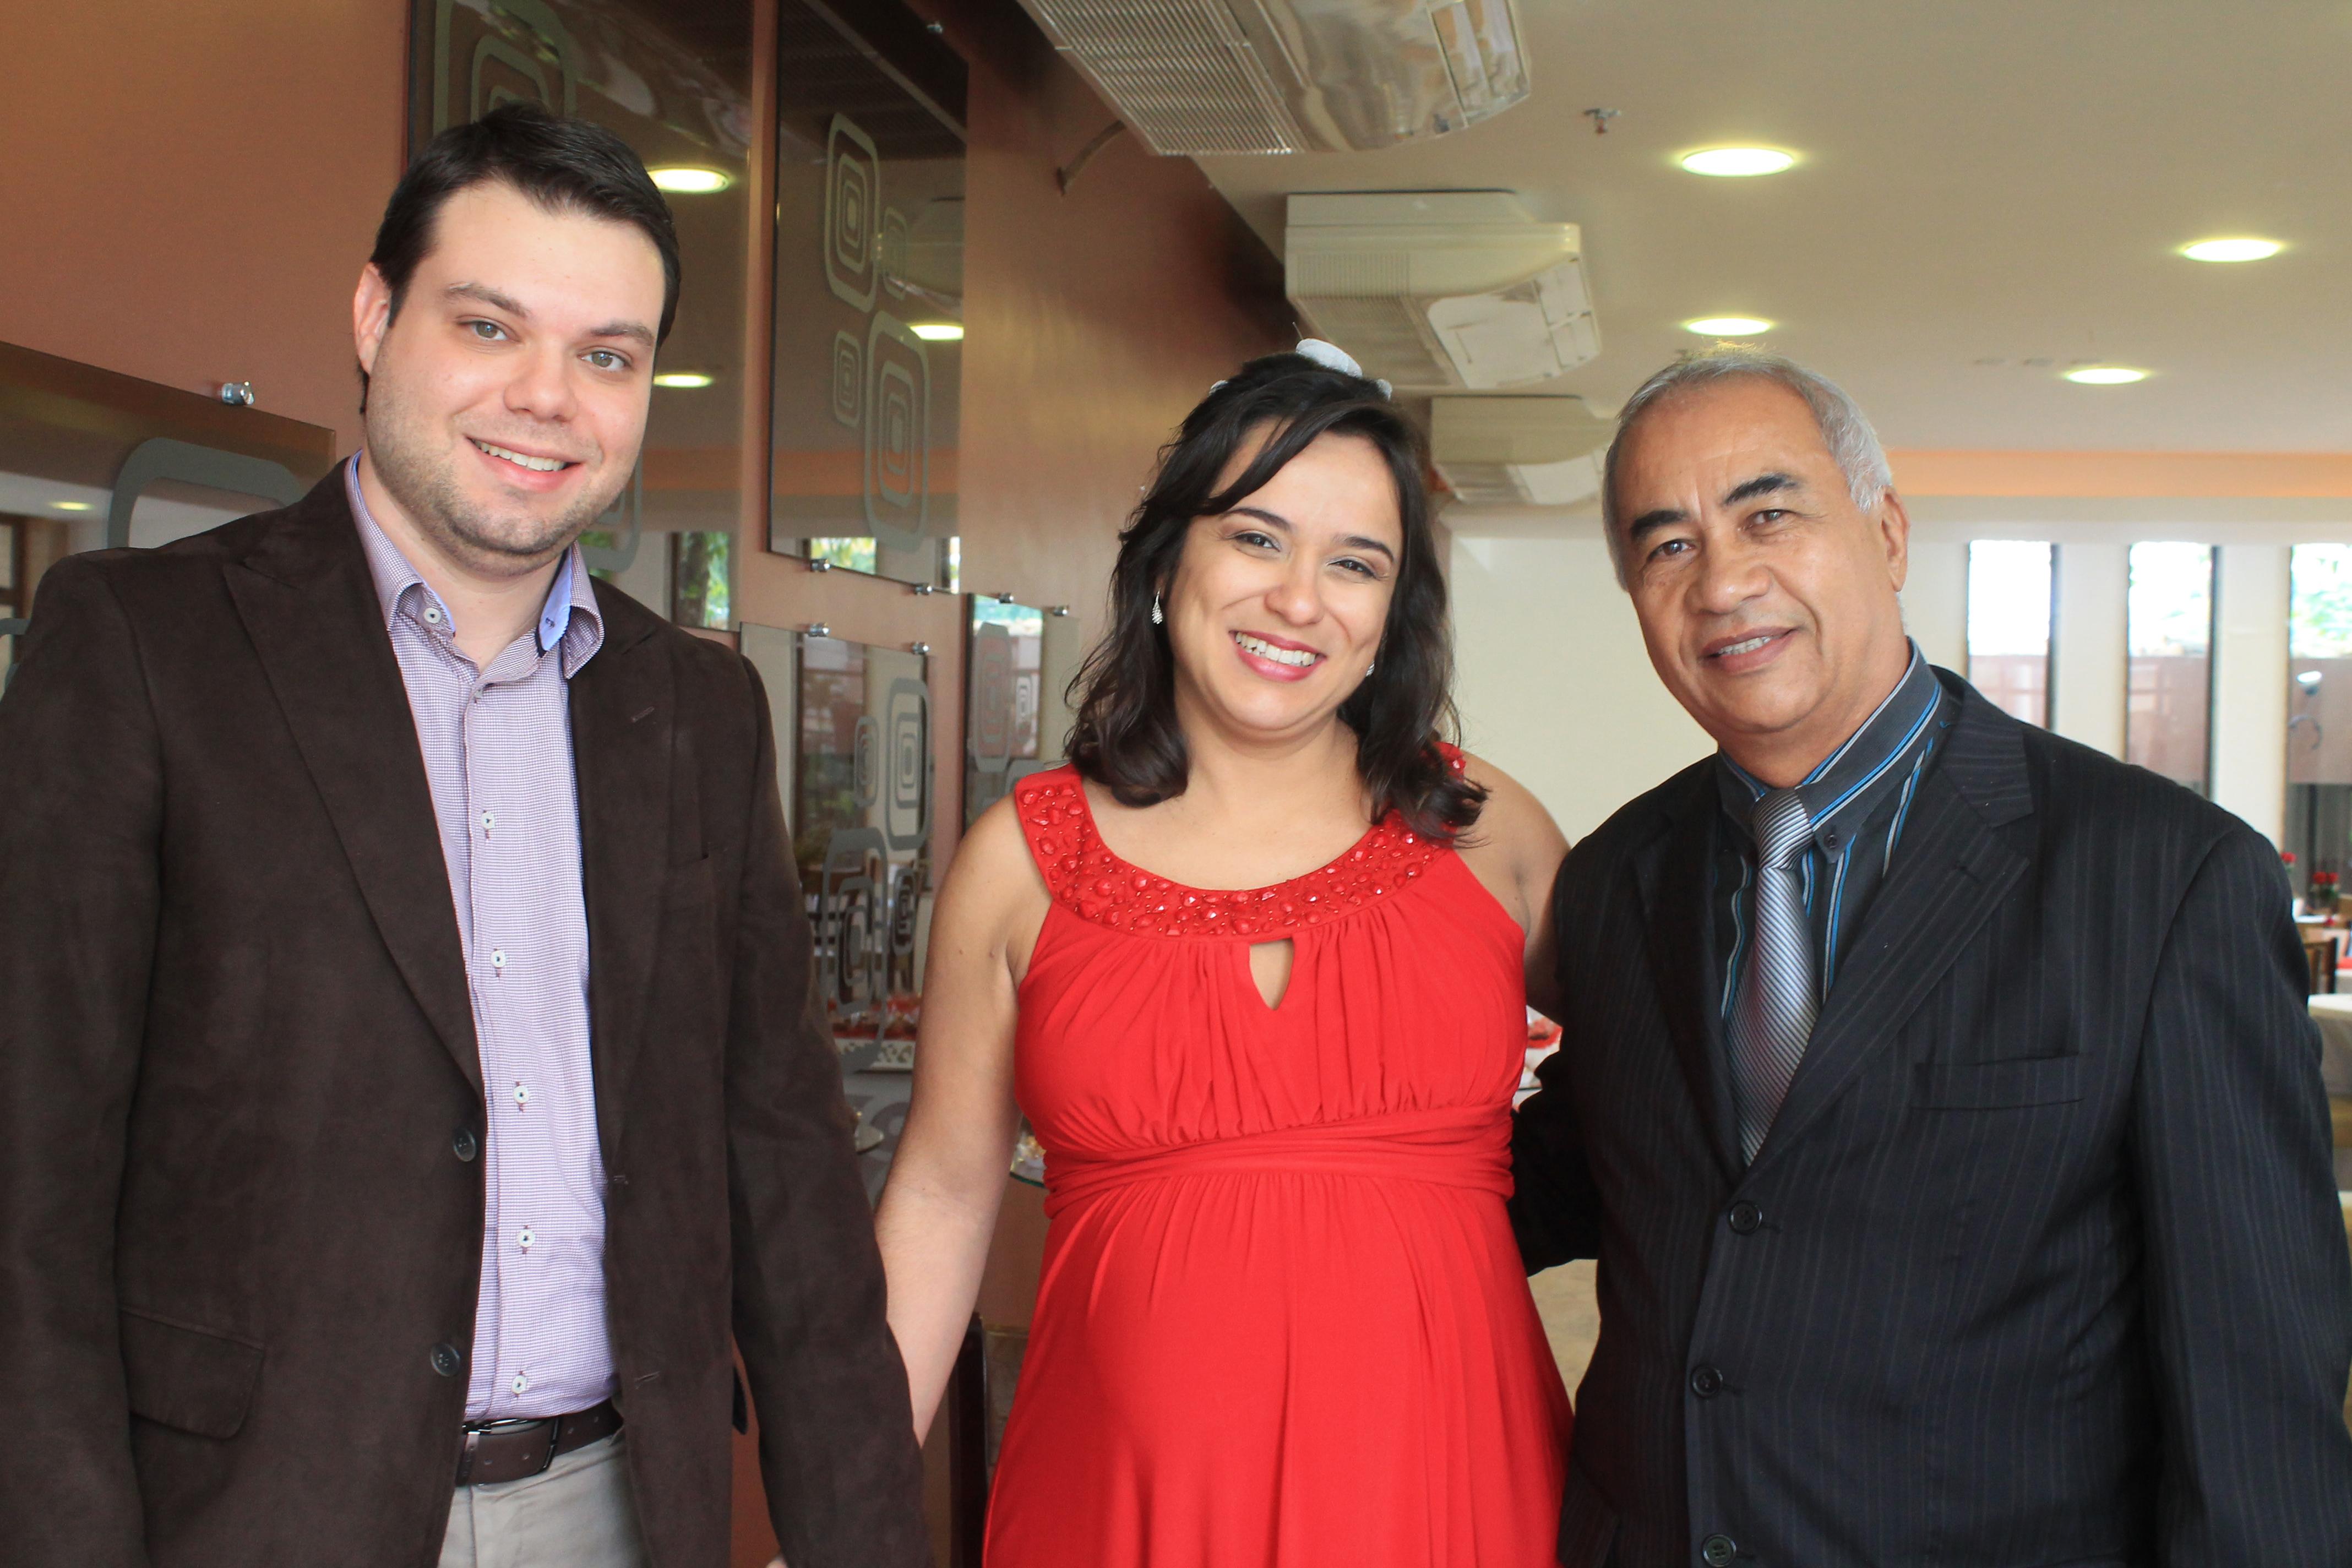 Foto do casal Fábio e Erika com Túlio de Pinho à direita. (foto de Thais Pinho)